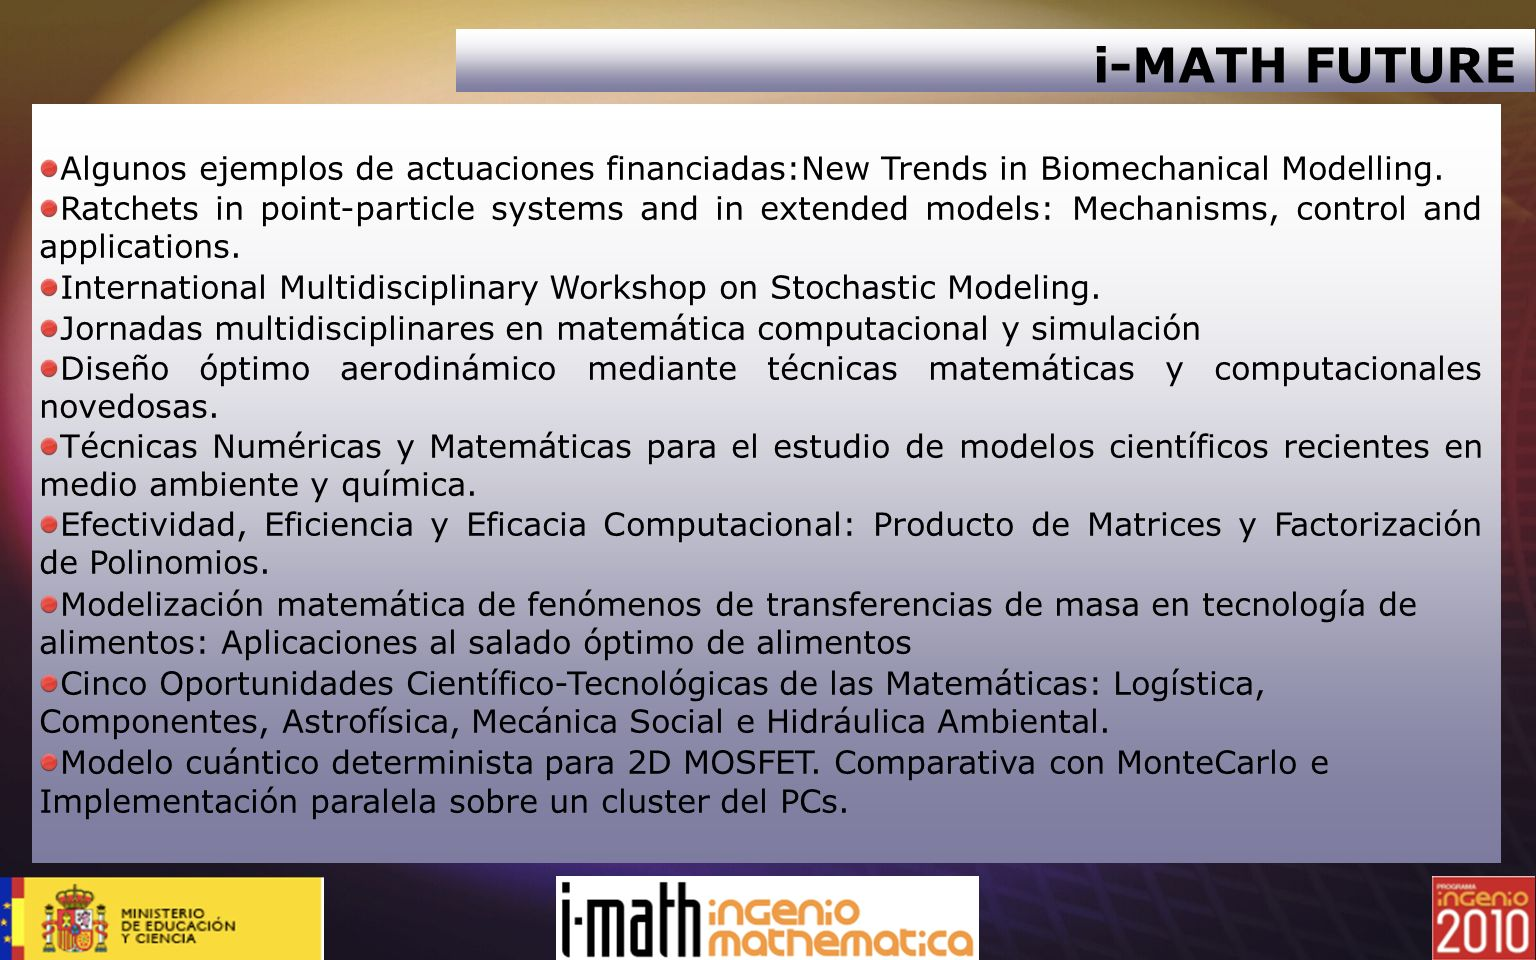 i-MATH FUTUREAlgunos ejemplos de actuaciones financiadas:New Trends in Biomechanical Modelling.